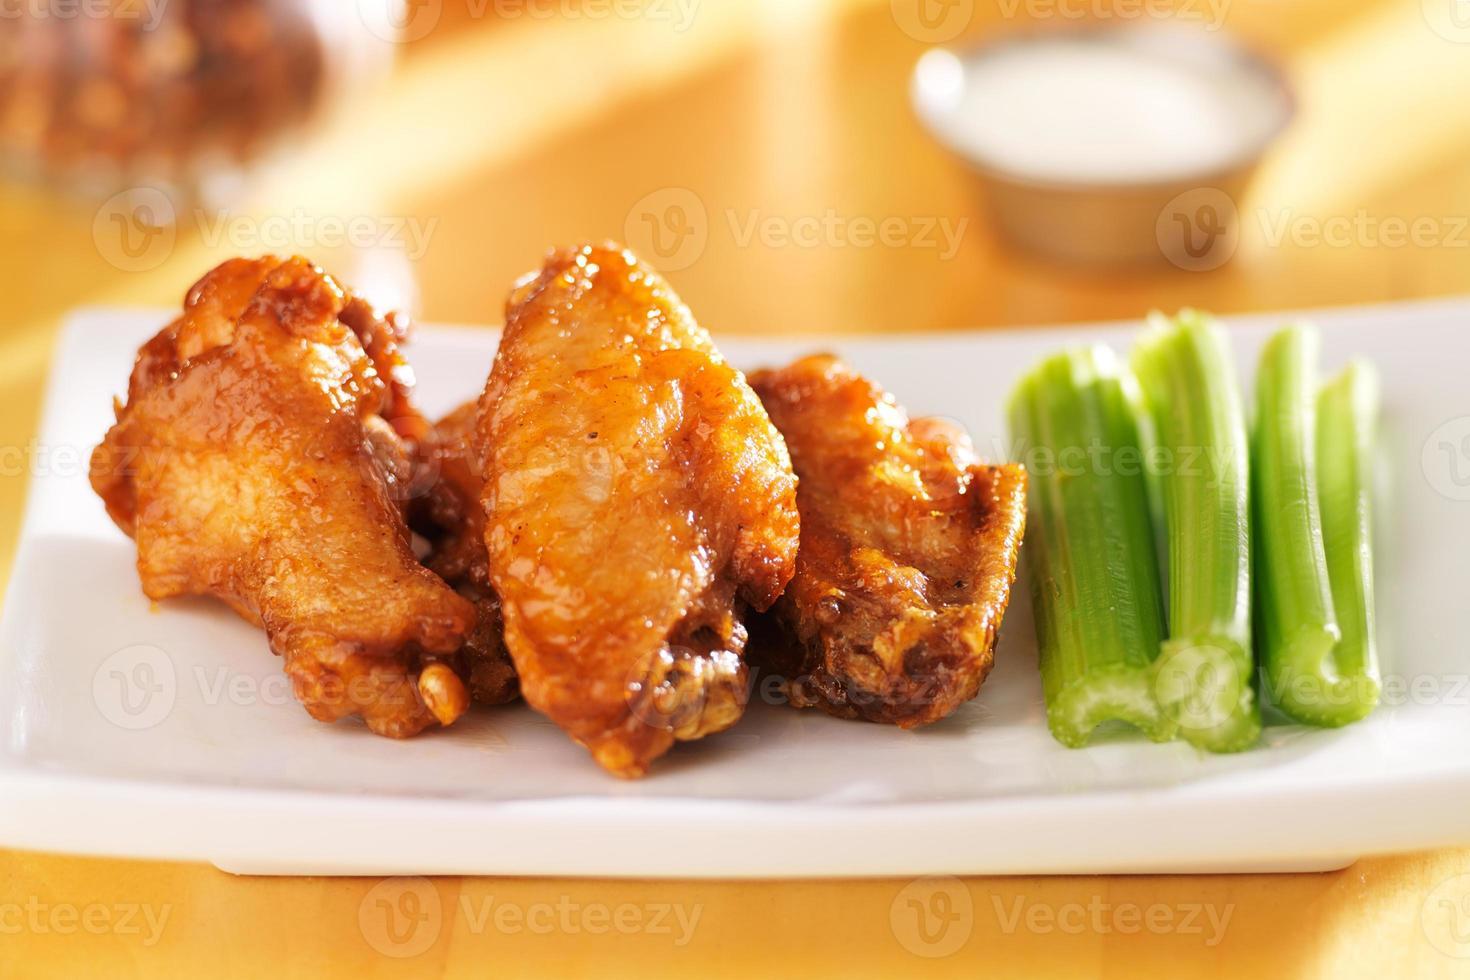 bbq buffalo chicken wings met ranch dip en selderij foto